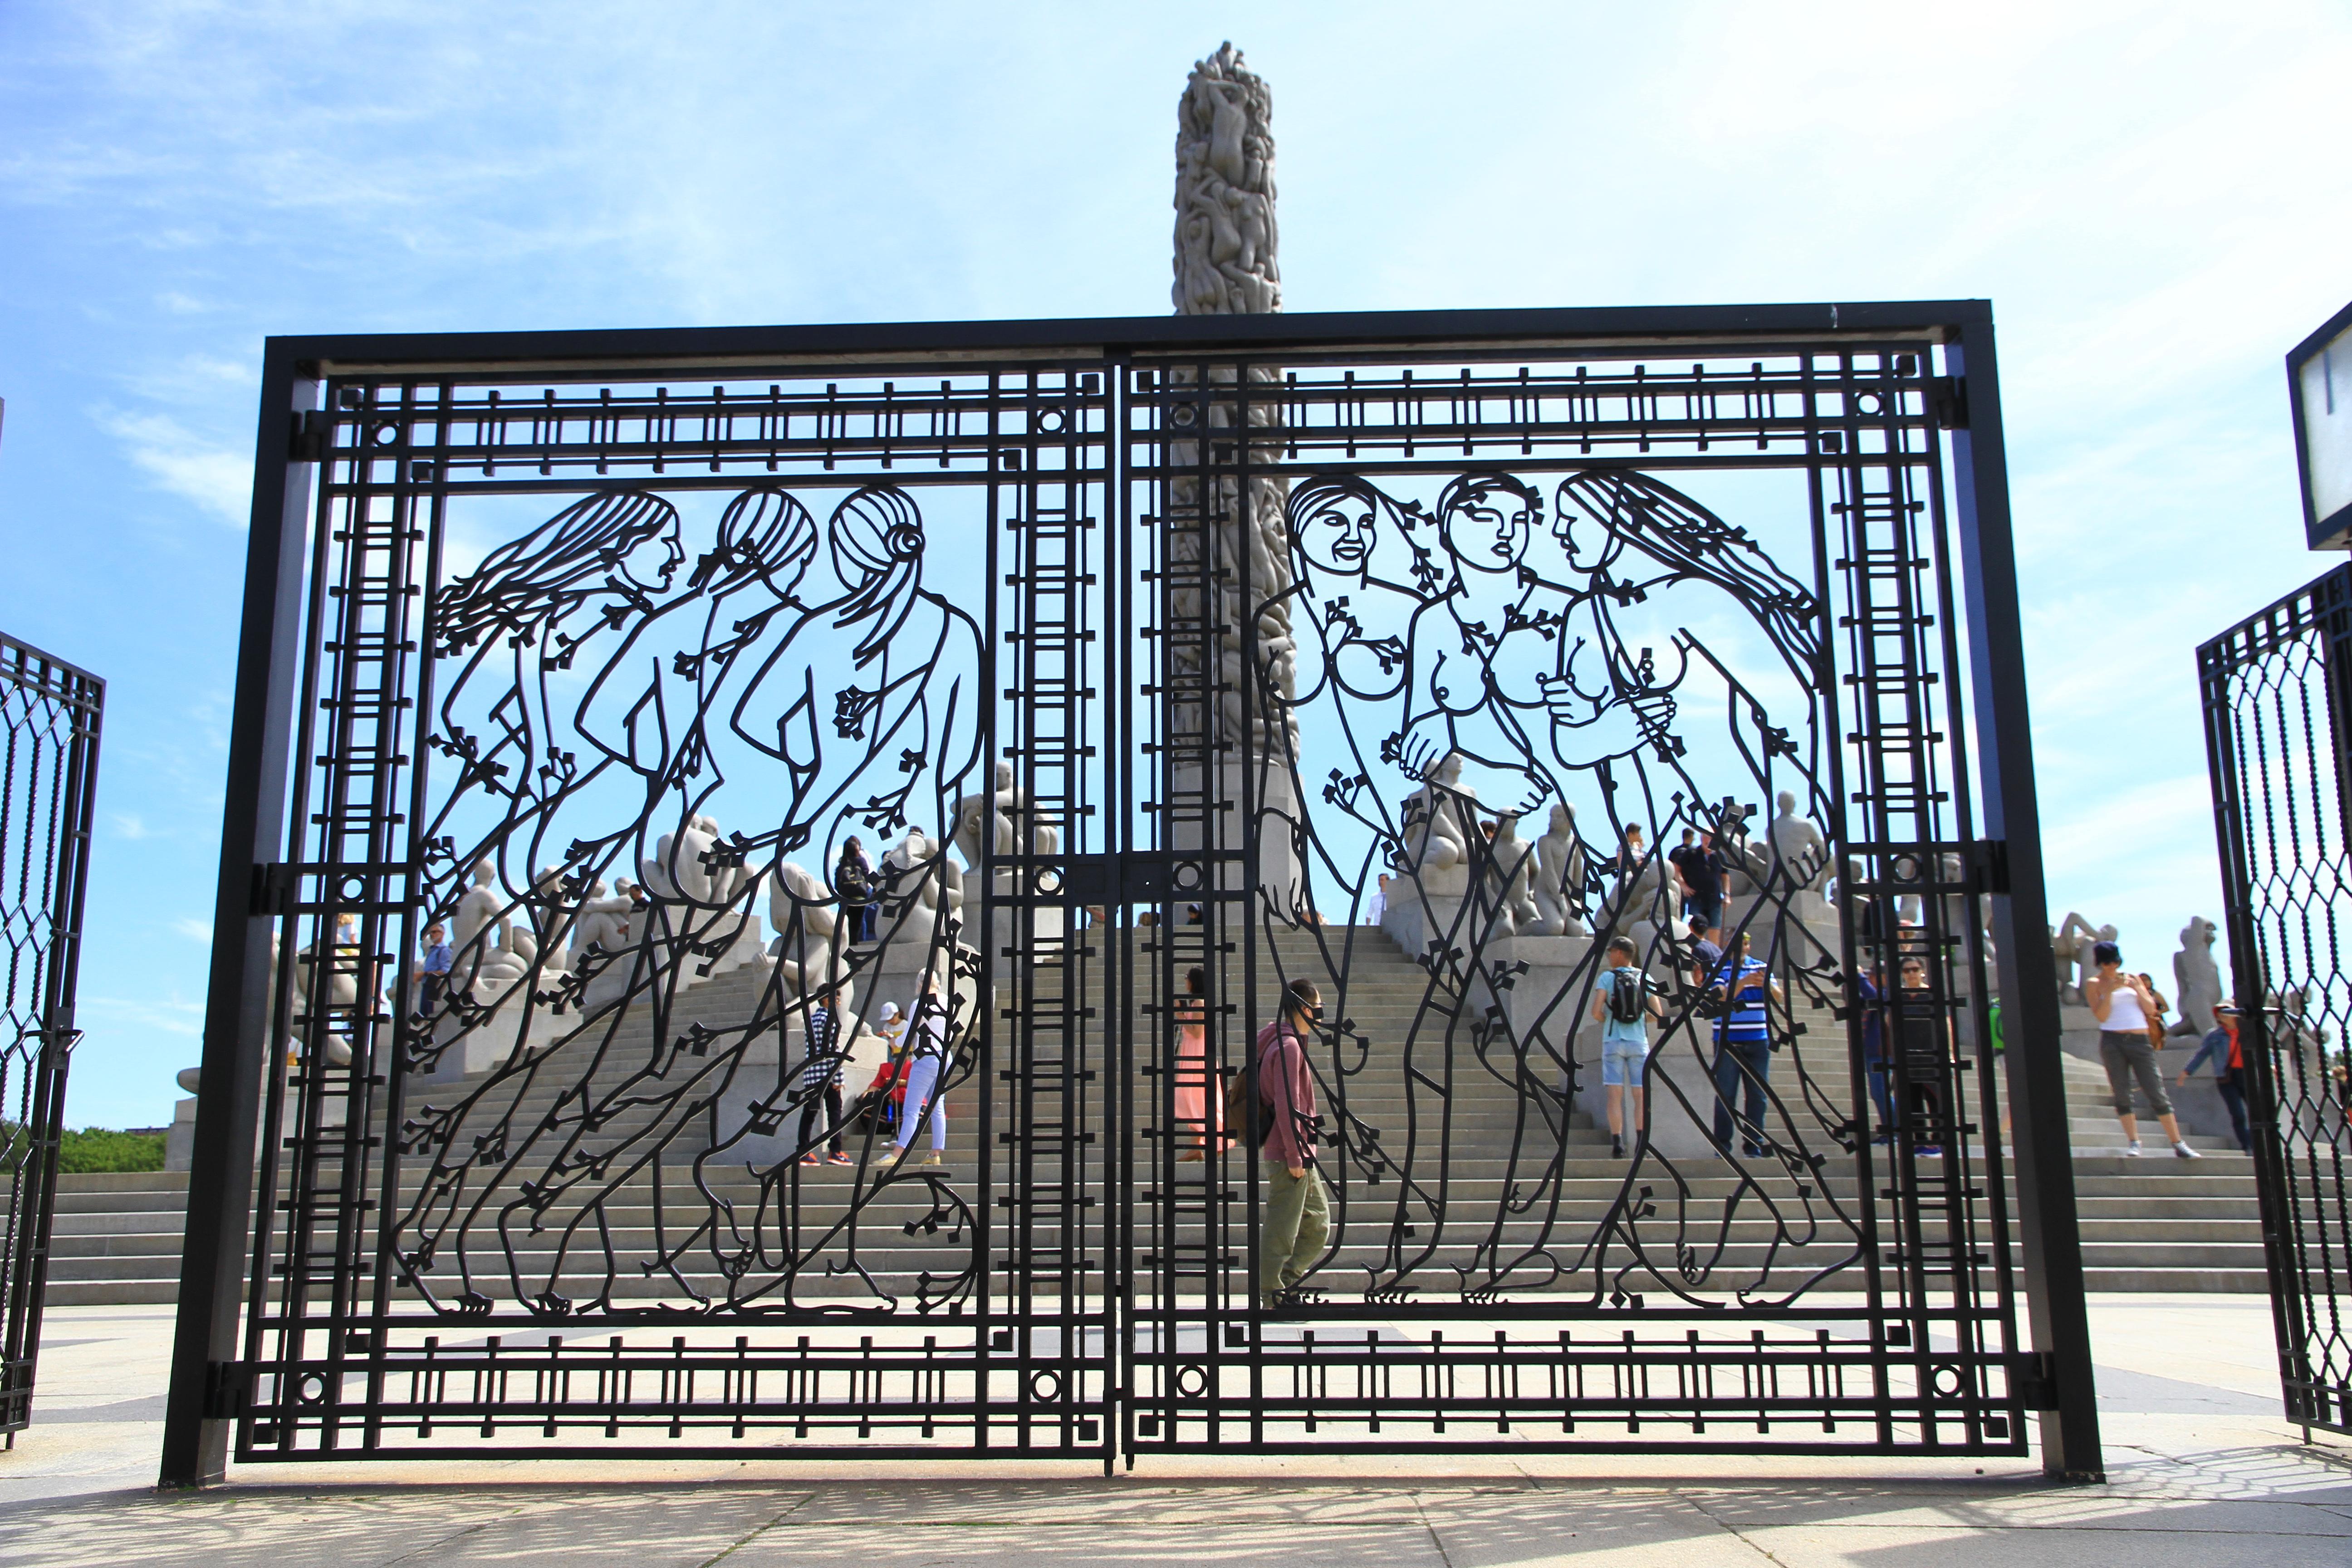 """103、挪威奥斯陆:维格兰雕塑公园:镂空铁门后面是雕塑""""生命之柱""""。该雕塑重达270吨,由121个情态不同、首尾相接、奋力抗争的裸体浮雕造像组成"""